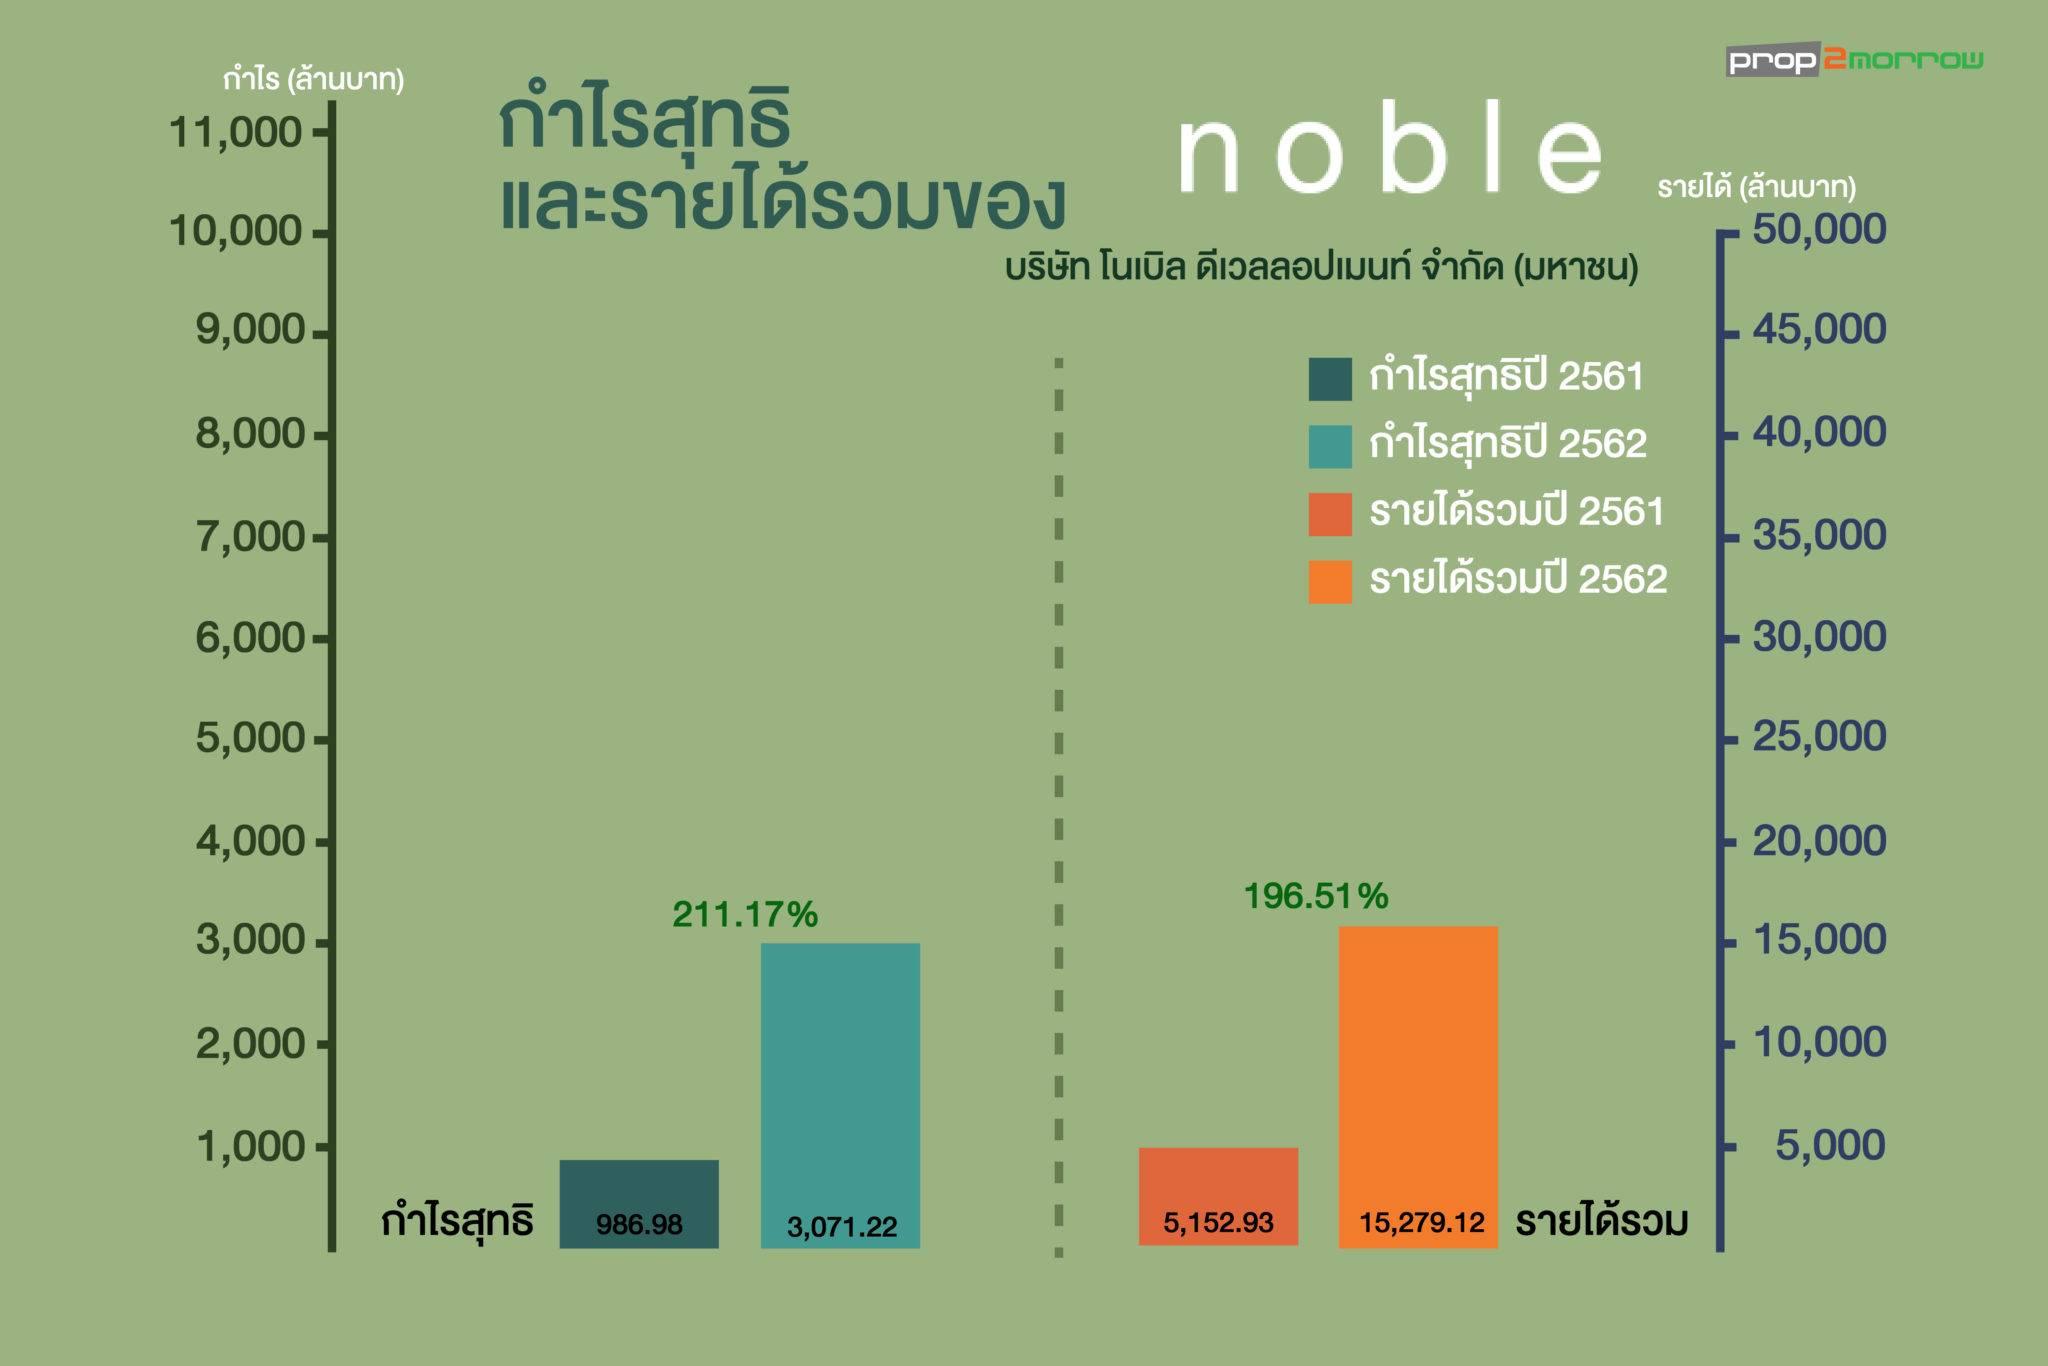 ผลประกอบการ 16 บริษัทอสังหาฯปี62 โนเบิล นำโด่งโกยกำไร 211 | Prop2Morrow บ้าน คอนโด ข่าวอสังหาฯ